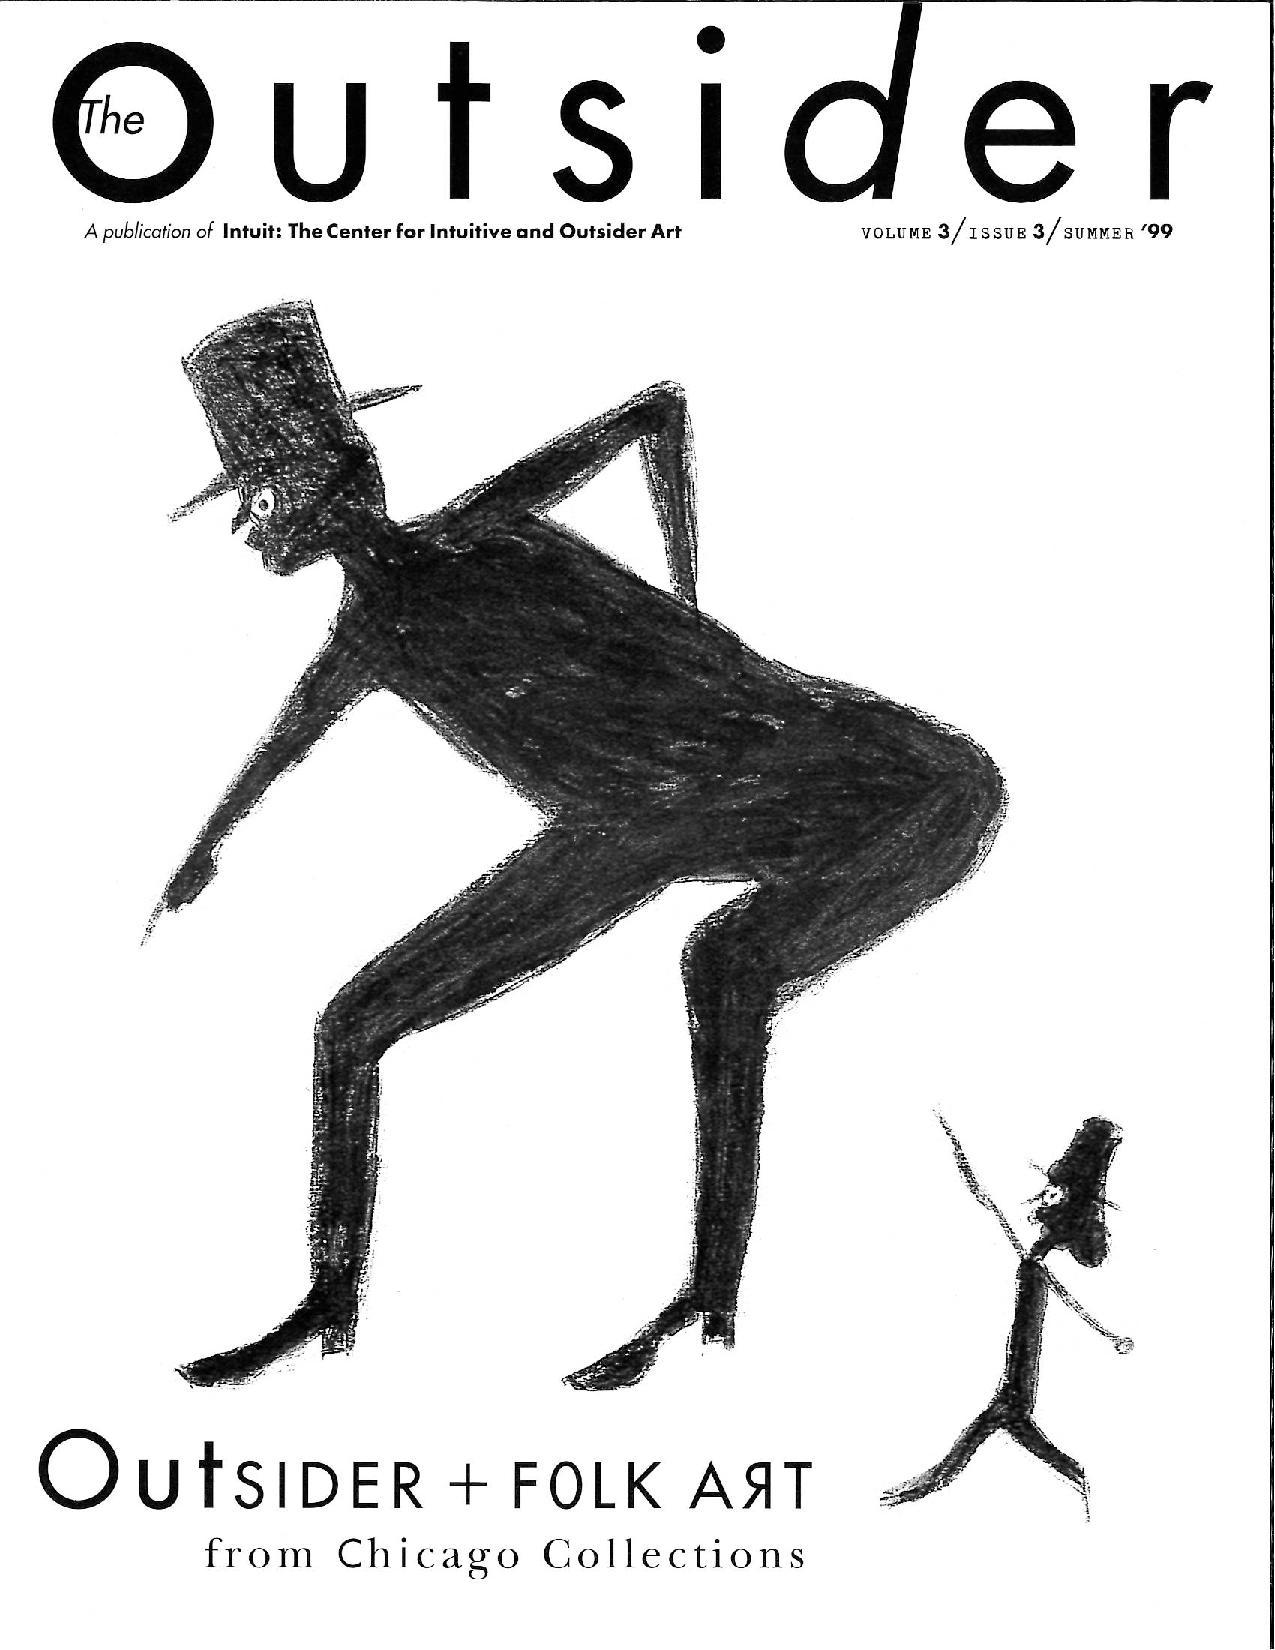 Volume 3 Issue 3 1999